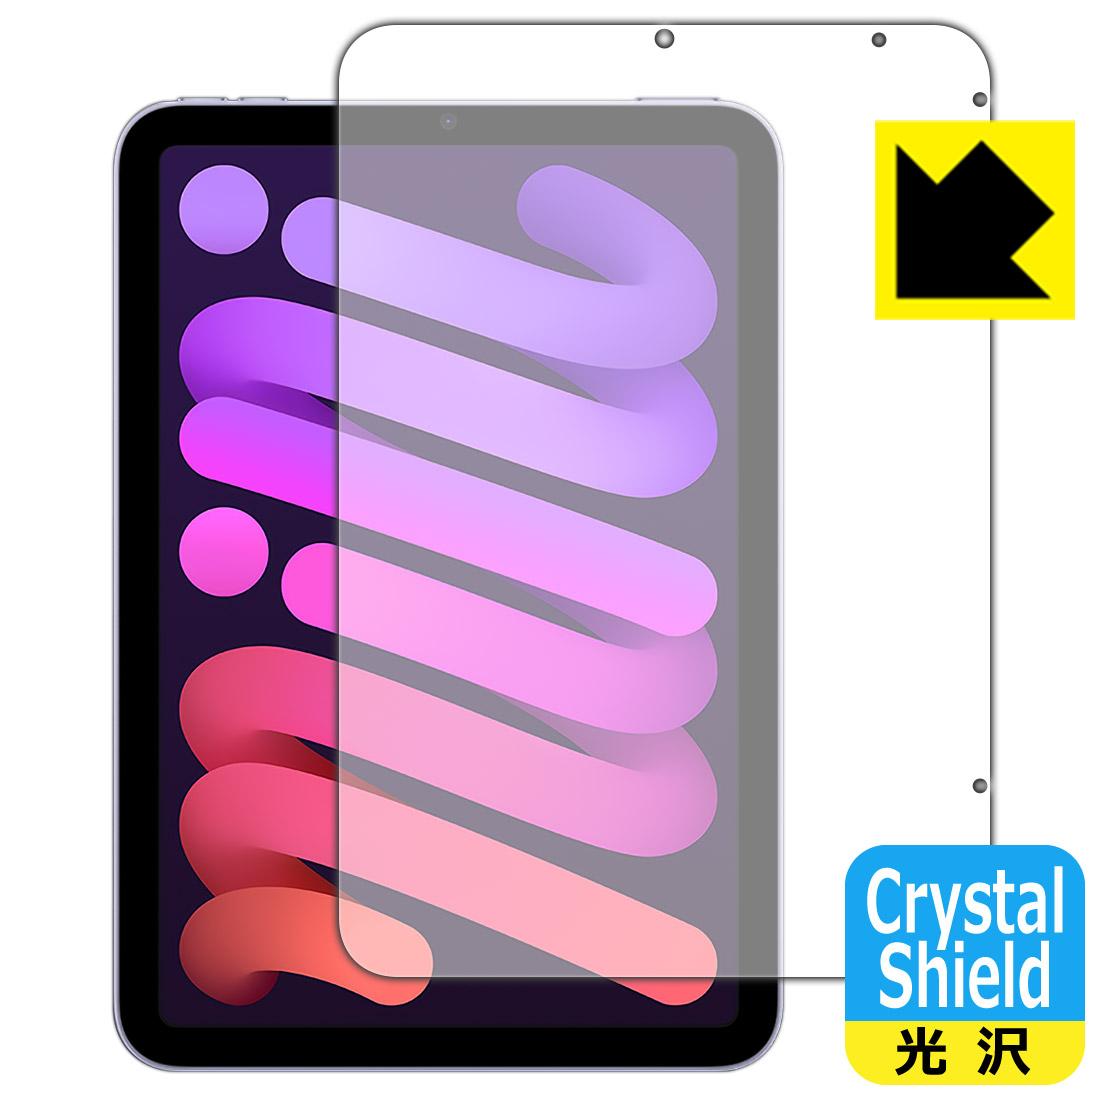 9月24日頃出荷開始予定 現在予約受付中 光沢タイプ iPad mini 第6世代 並行輸入品 2021年発売モデル Crystal Shield 前面のみ 保護シート 専用保護フィルム smtb-kd スーパーセール